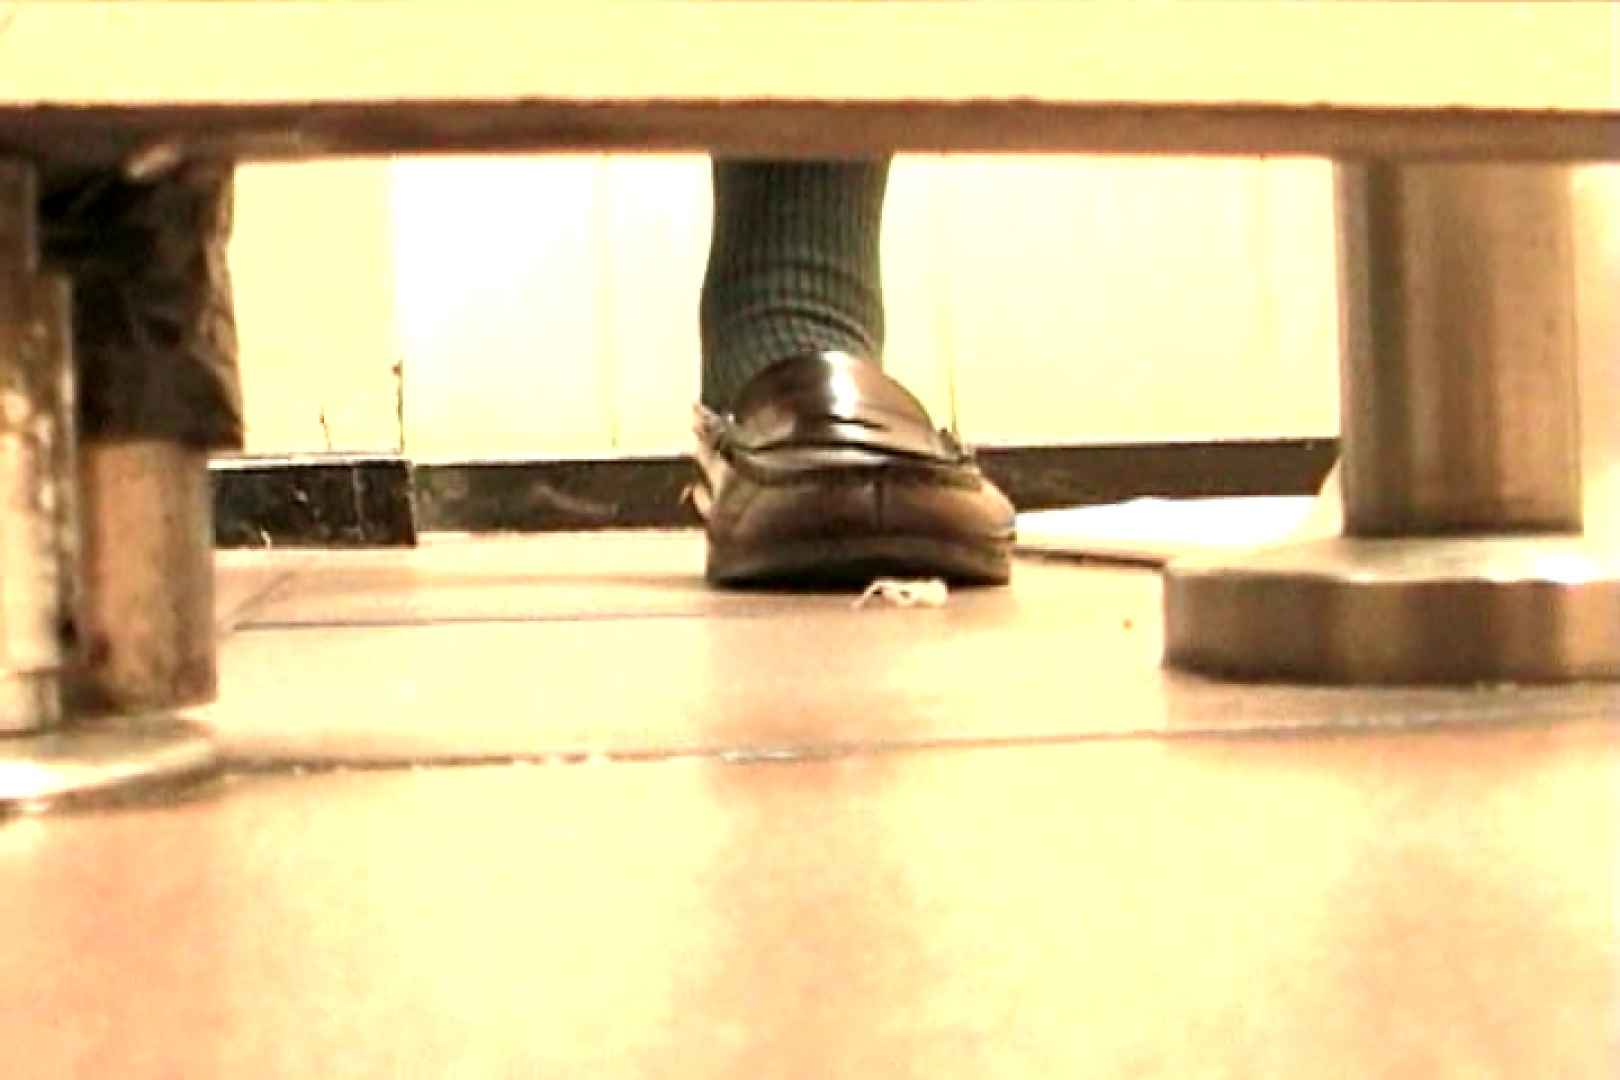 マンコ丸見え女子洗面所Vol.39 丸見え のぞき濡れ場動画紹介 95PICs 46